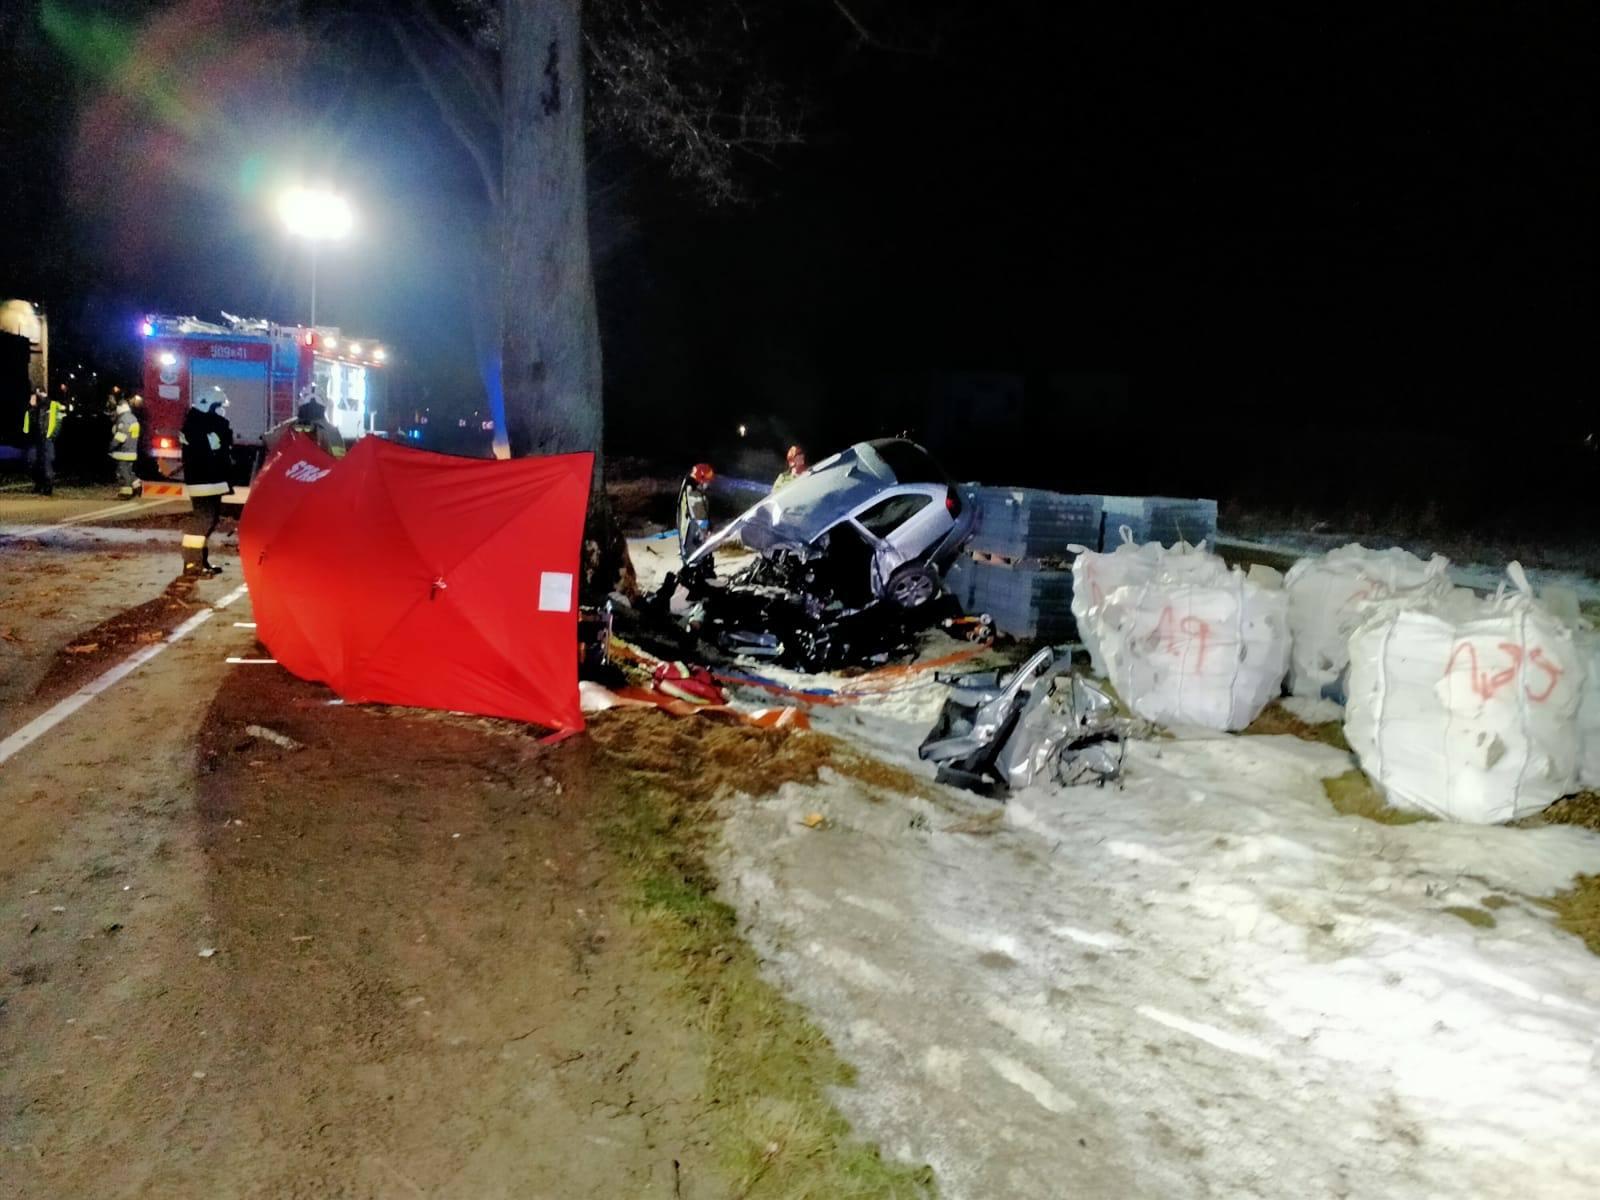 Wypadek w Rekowie Górnym. Na miejscu zginął 26-latek z gminy Puck | Nadmorska Kronika Policyjna